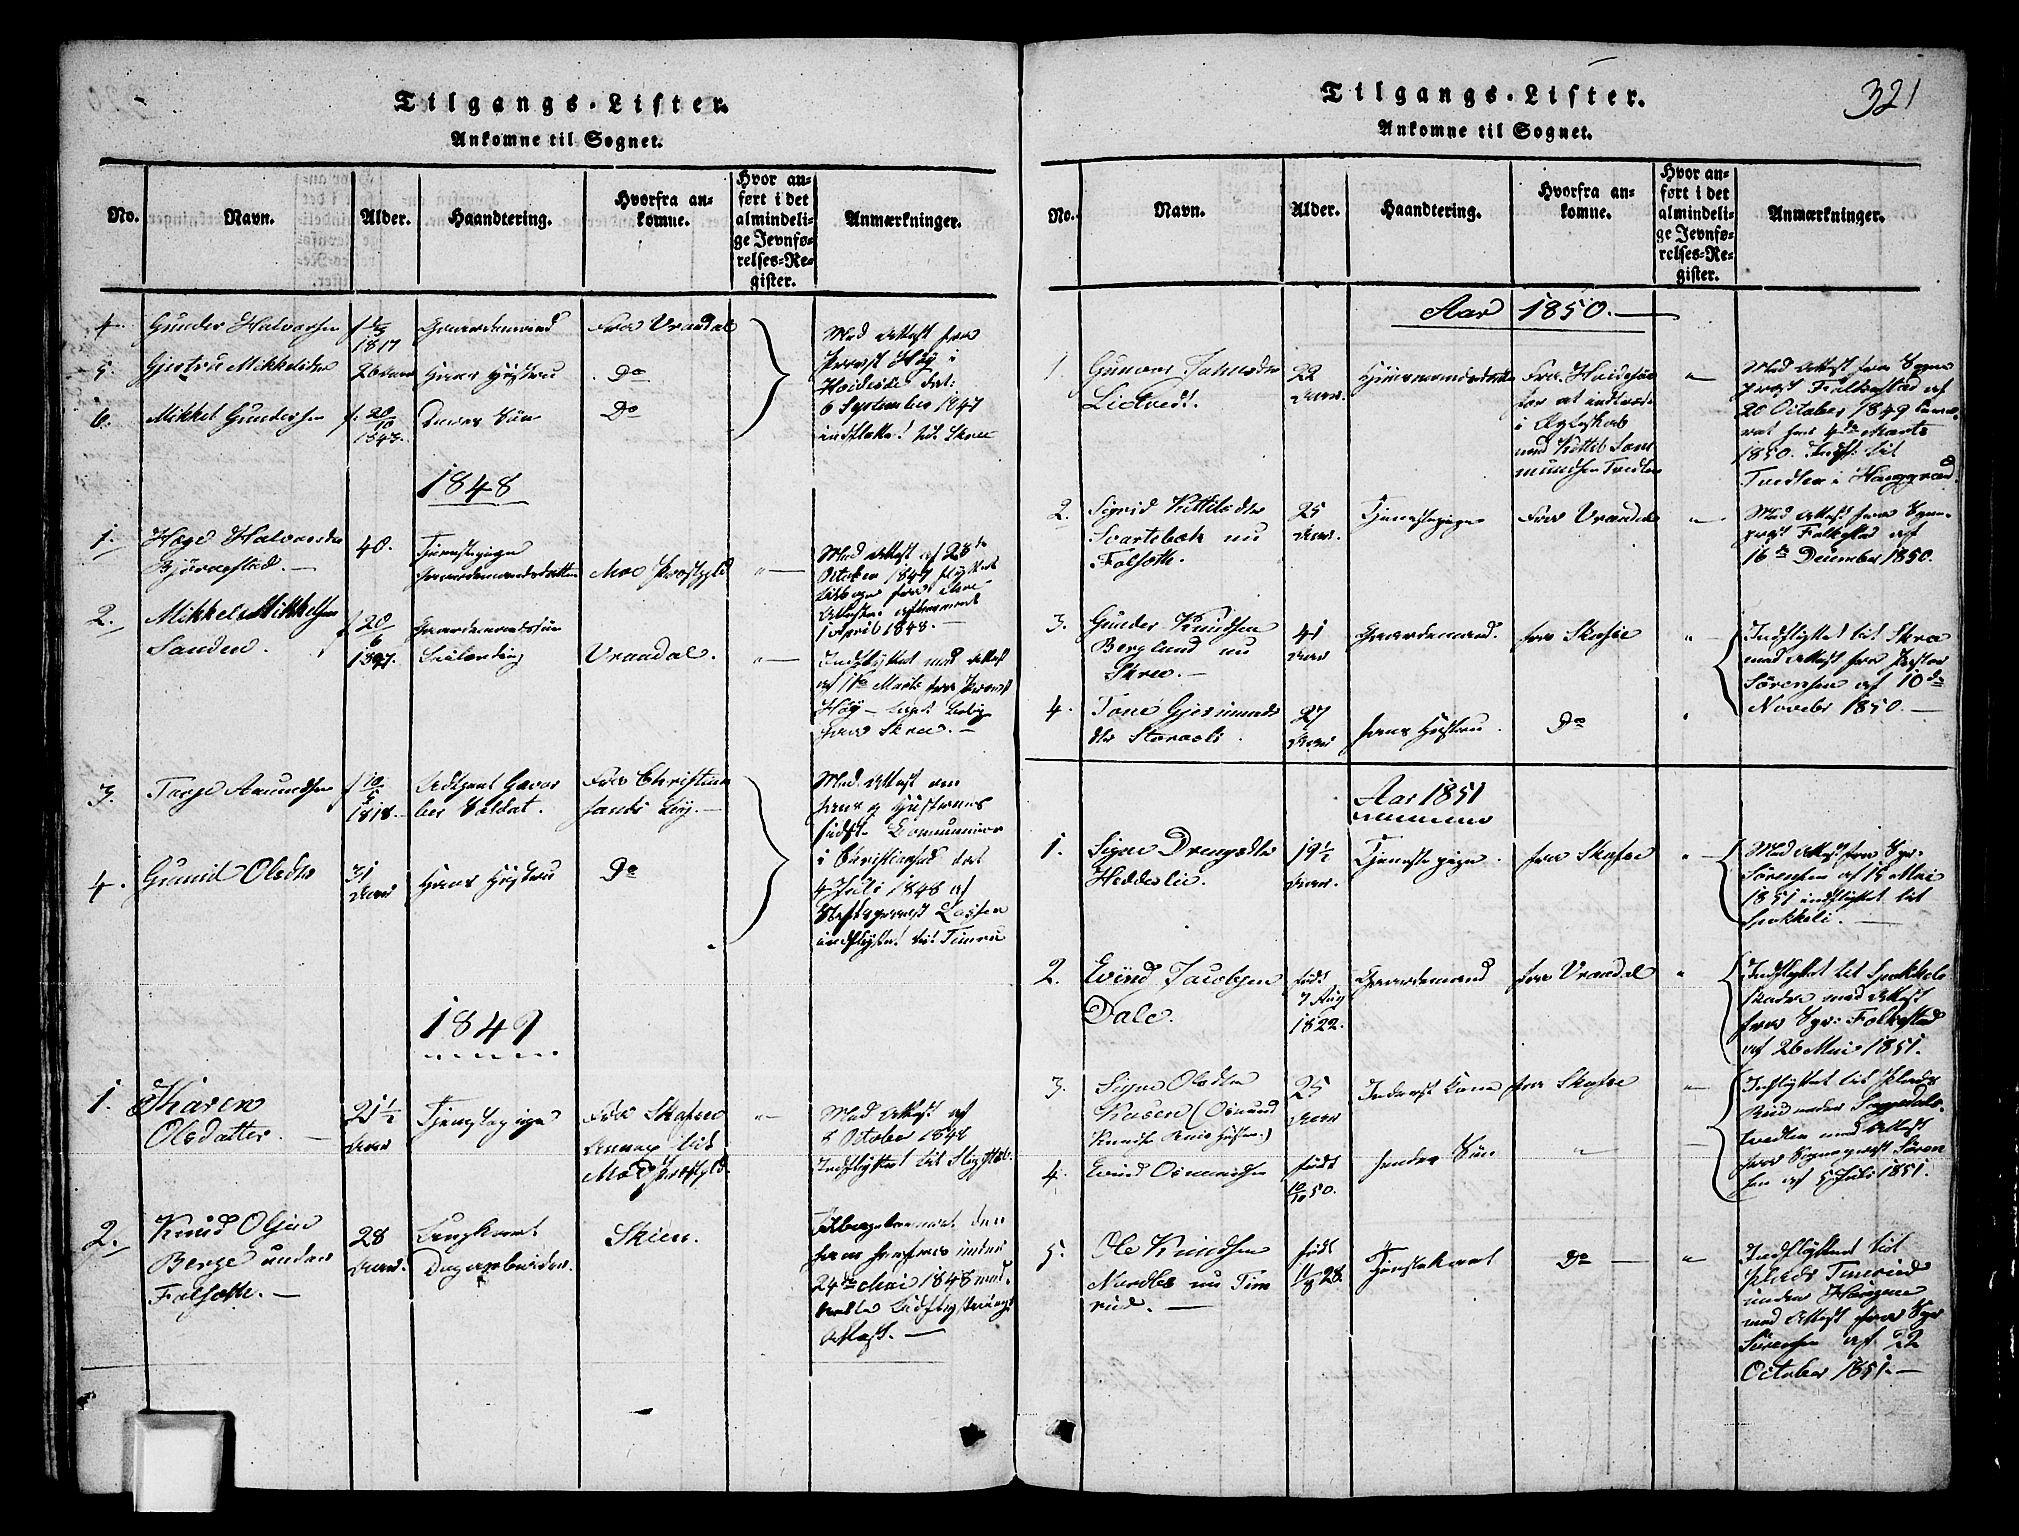 SAKO, Fyresdal kirkebøker, G/Ga/L0003: Klokkerbok nr. I 3, 1815-1863, s. 321